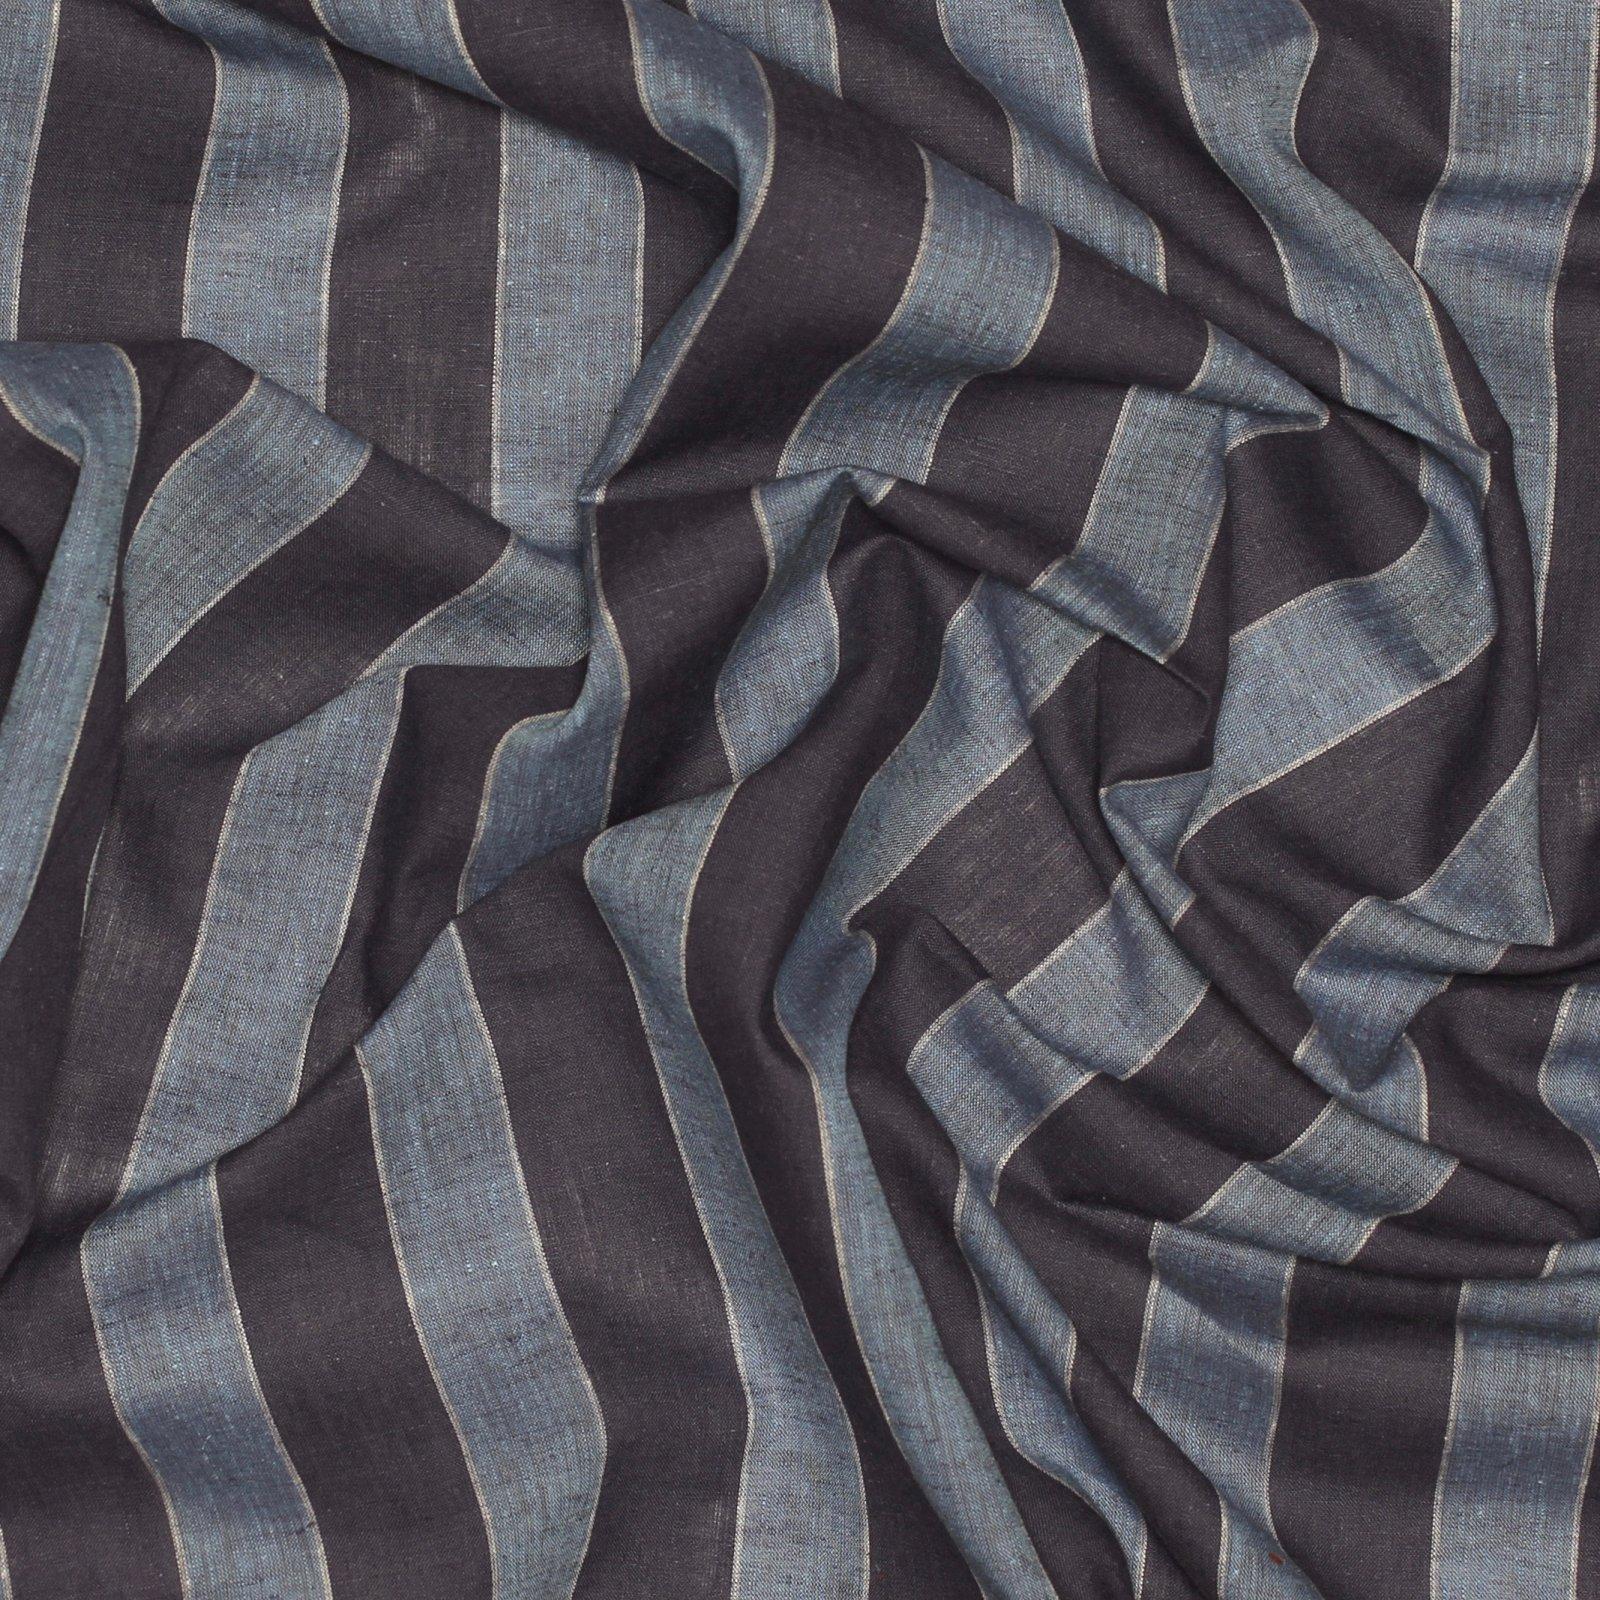 Yarn-Dyed Guatamalan Striped Cotton